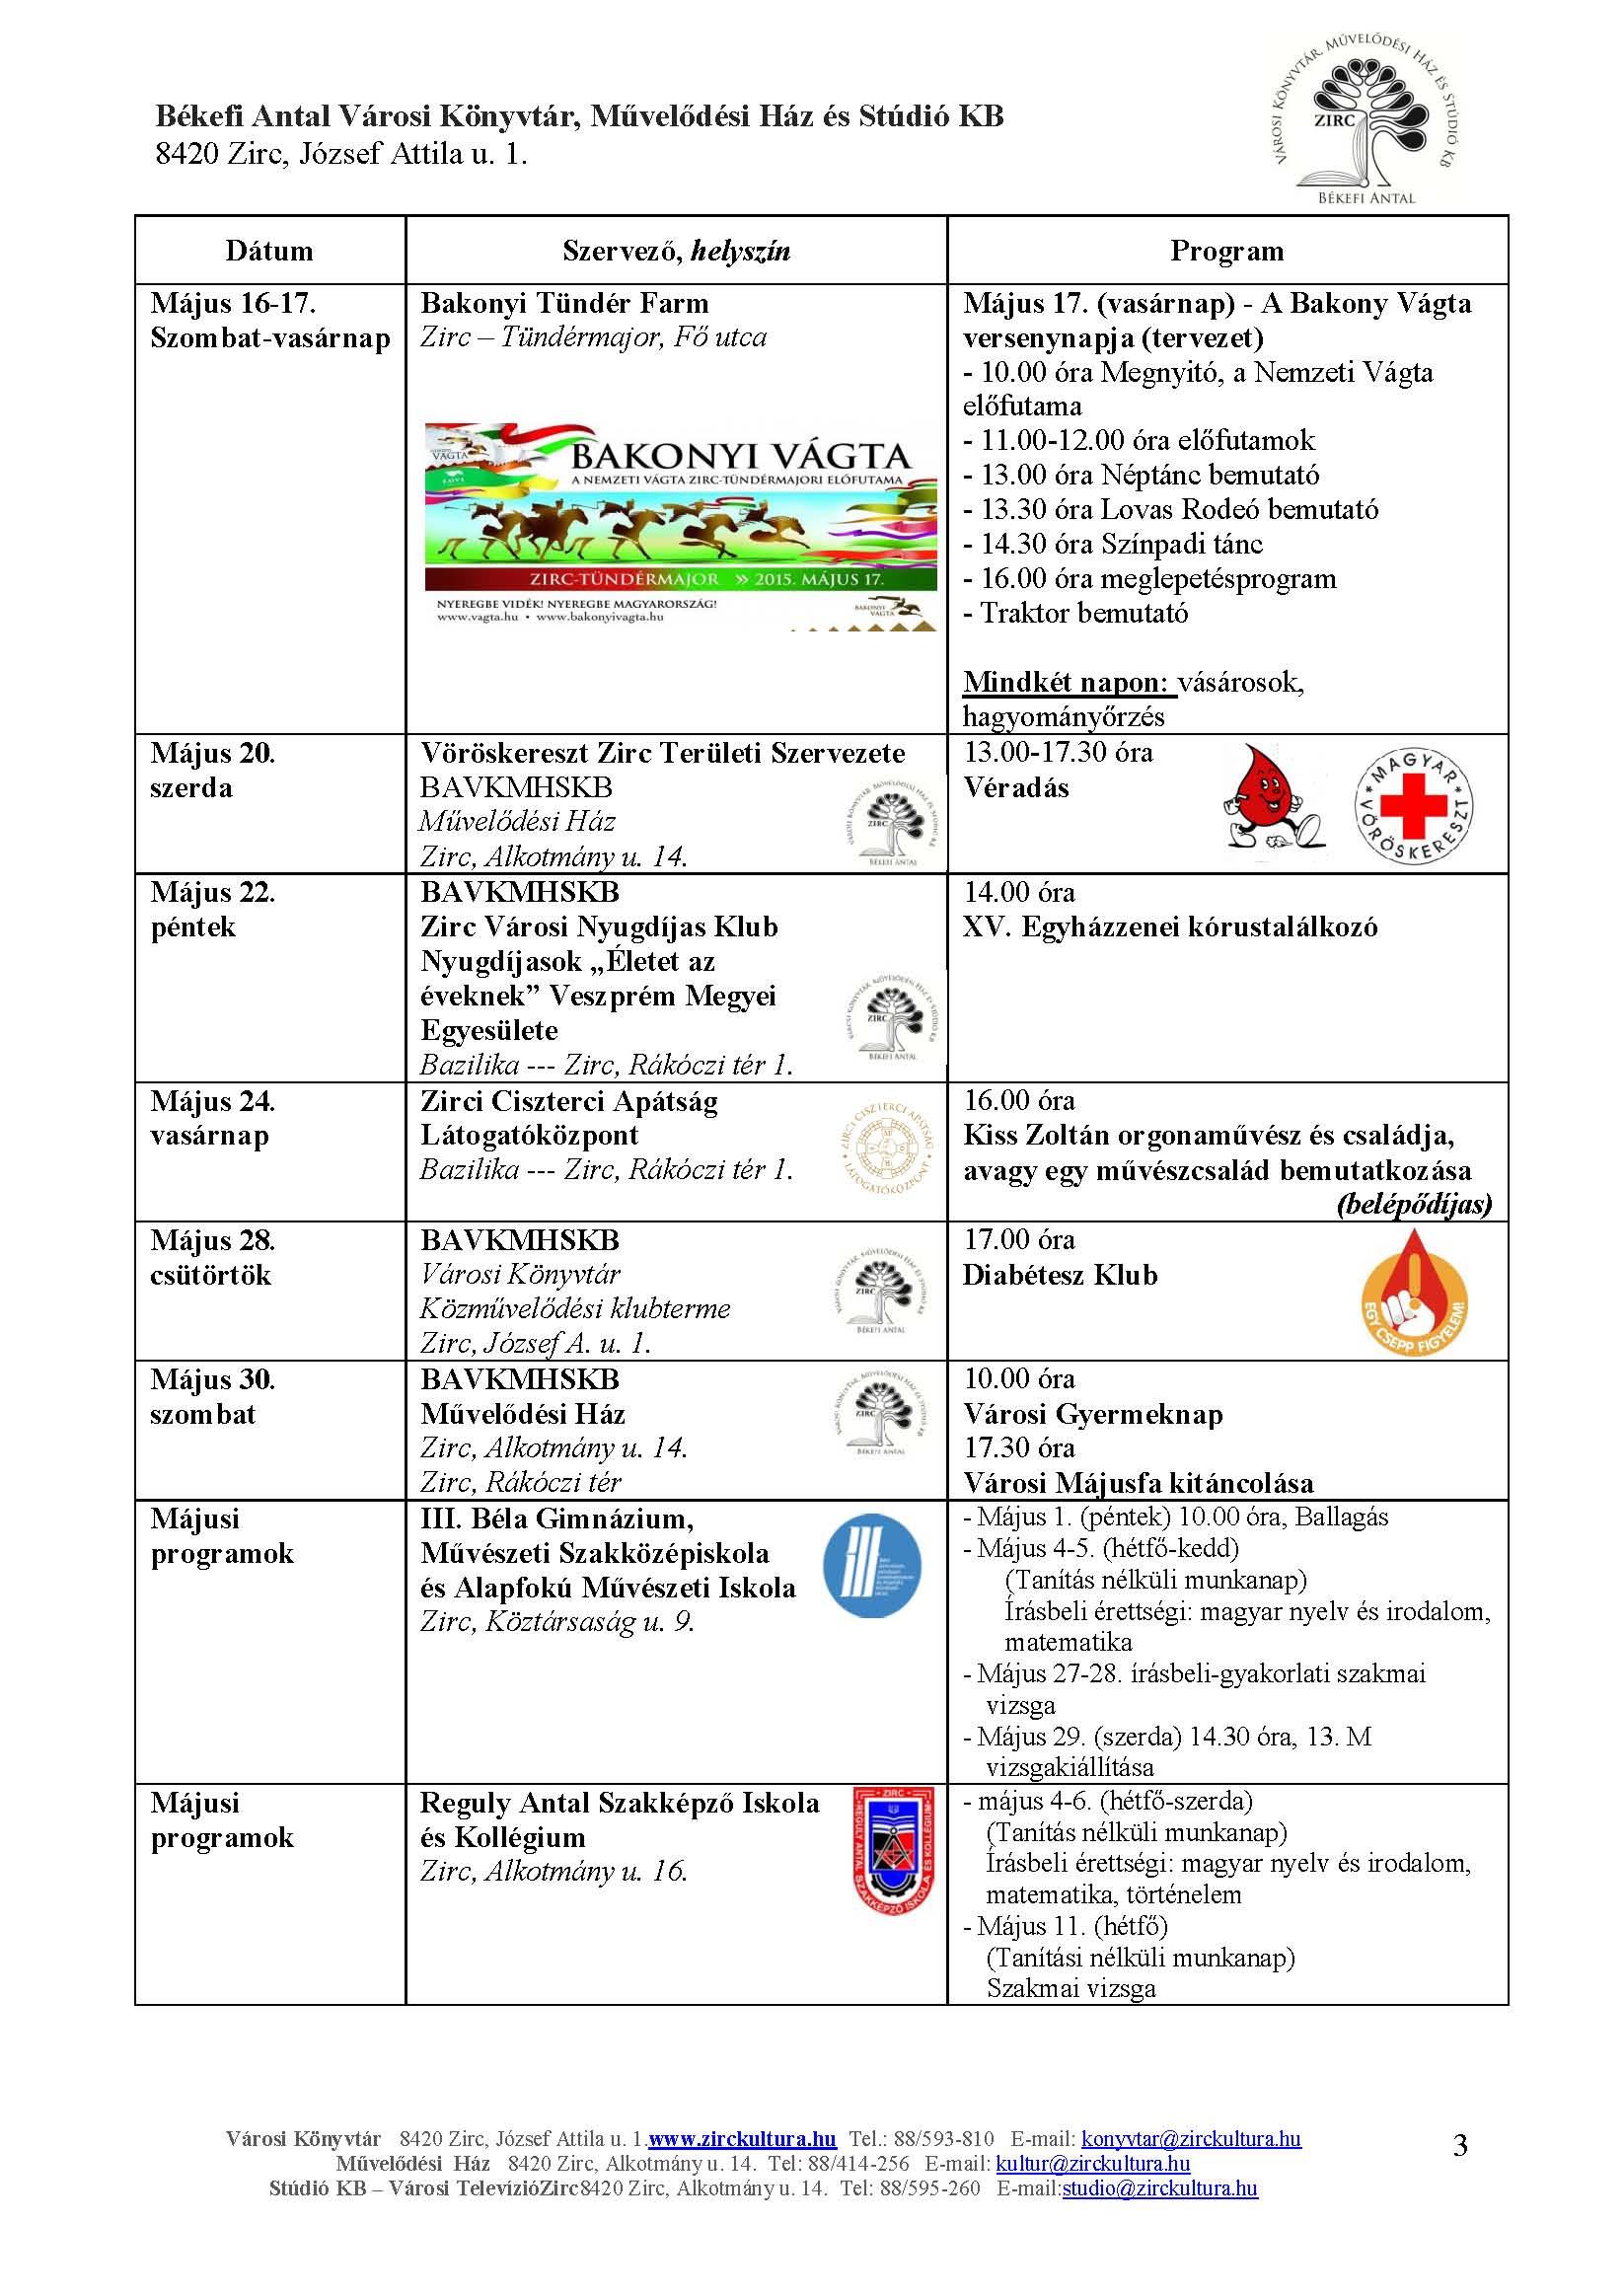 pmh-2015_05_majusi_programok_zircen1_oldal_3.jpg